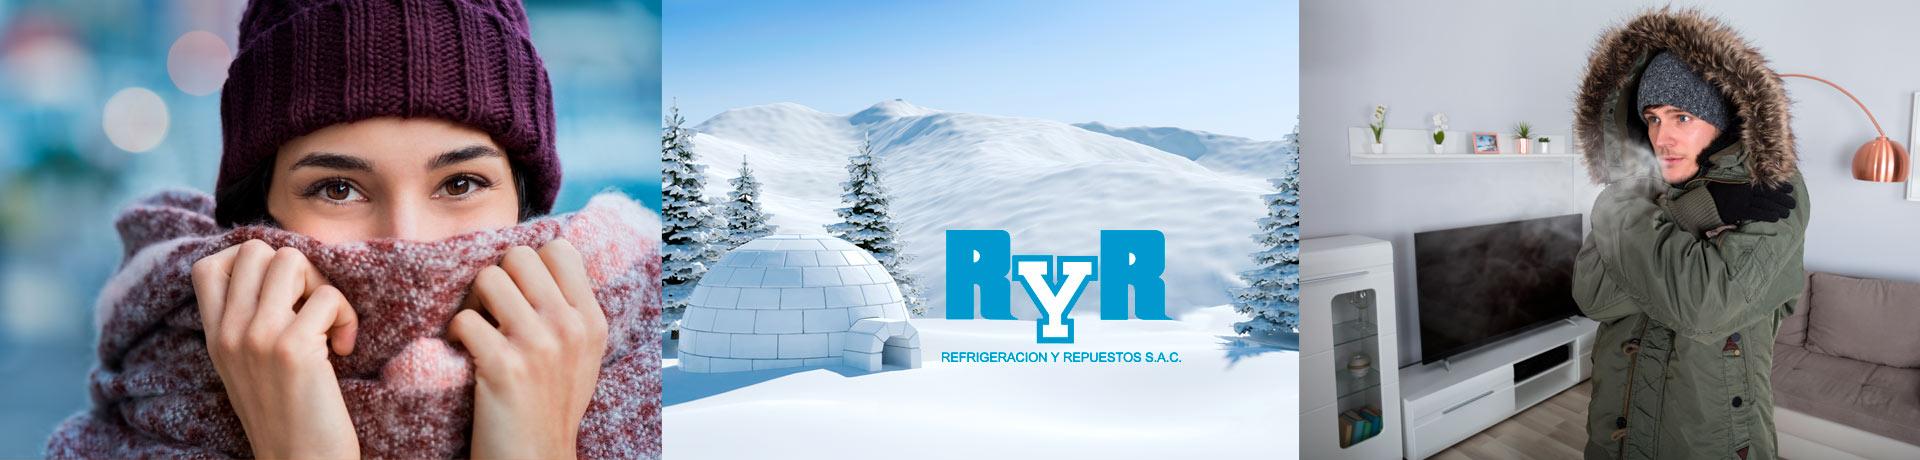 Refrigeración y repuestos S.A.C.